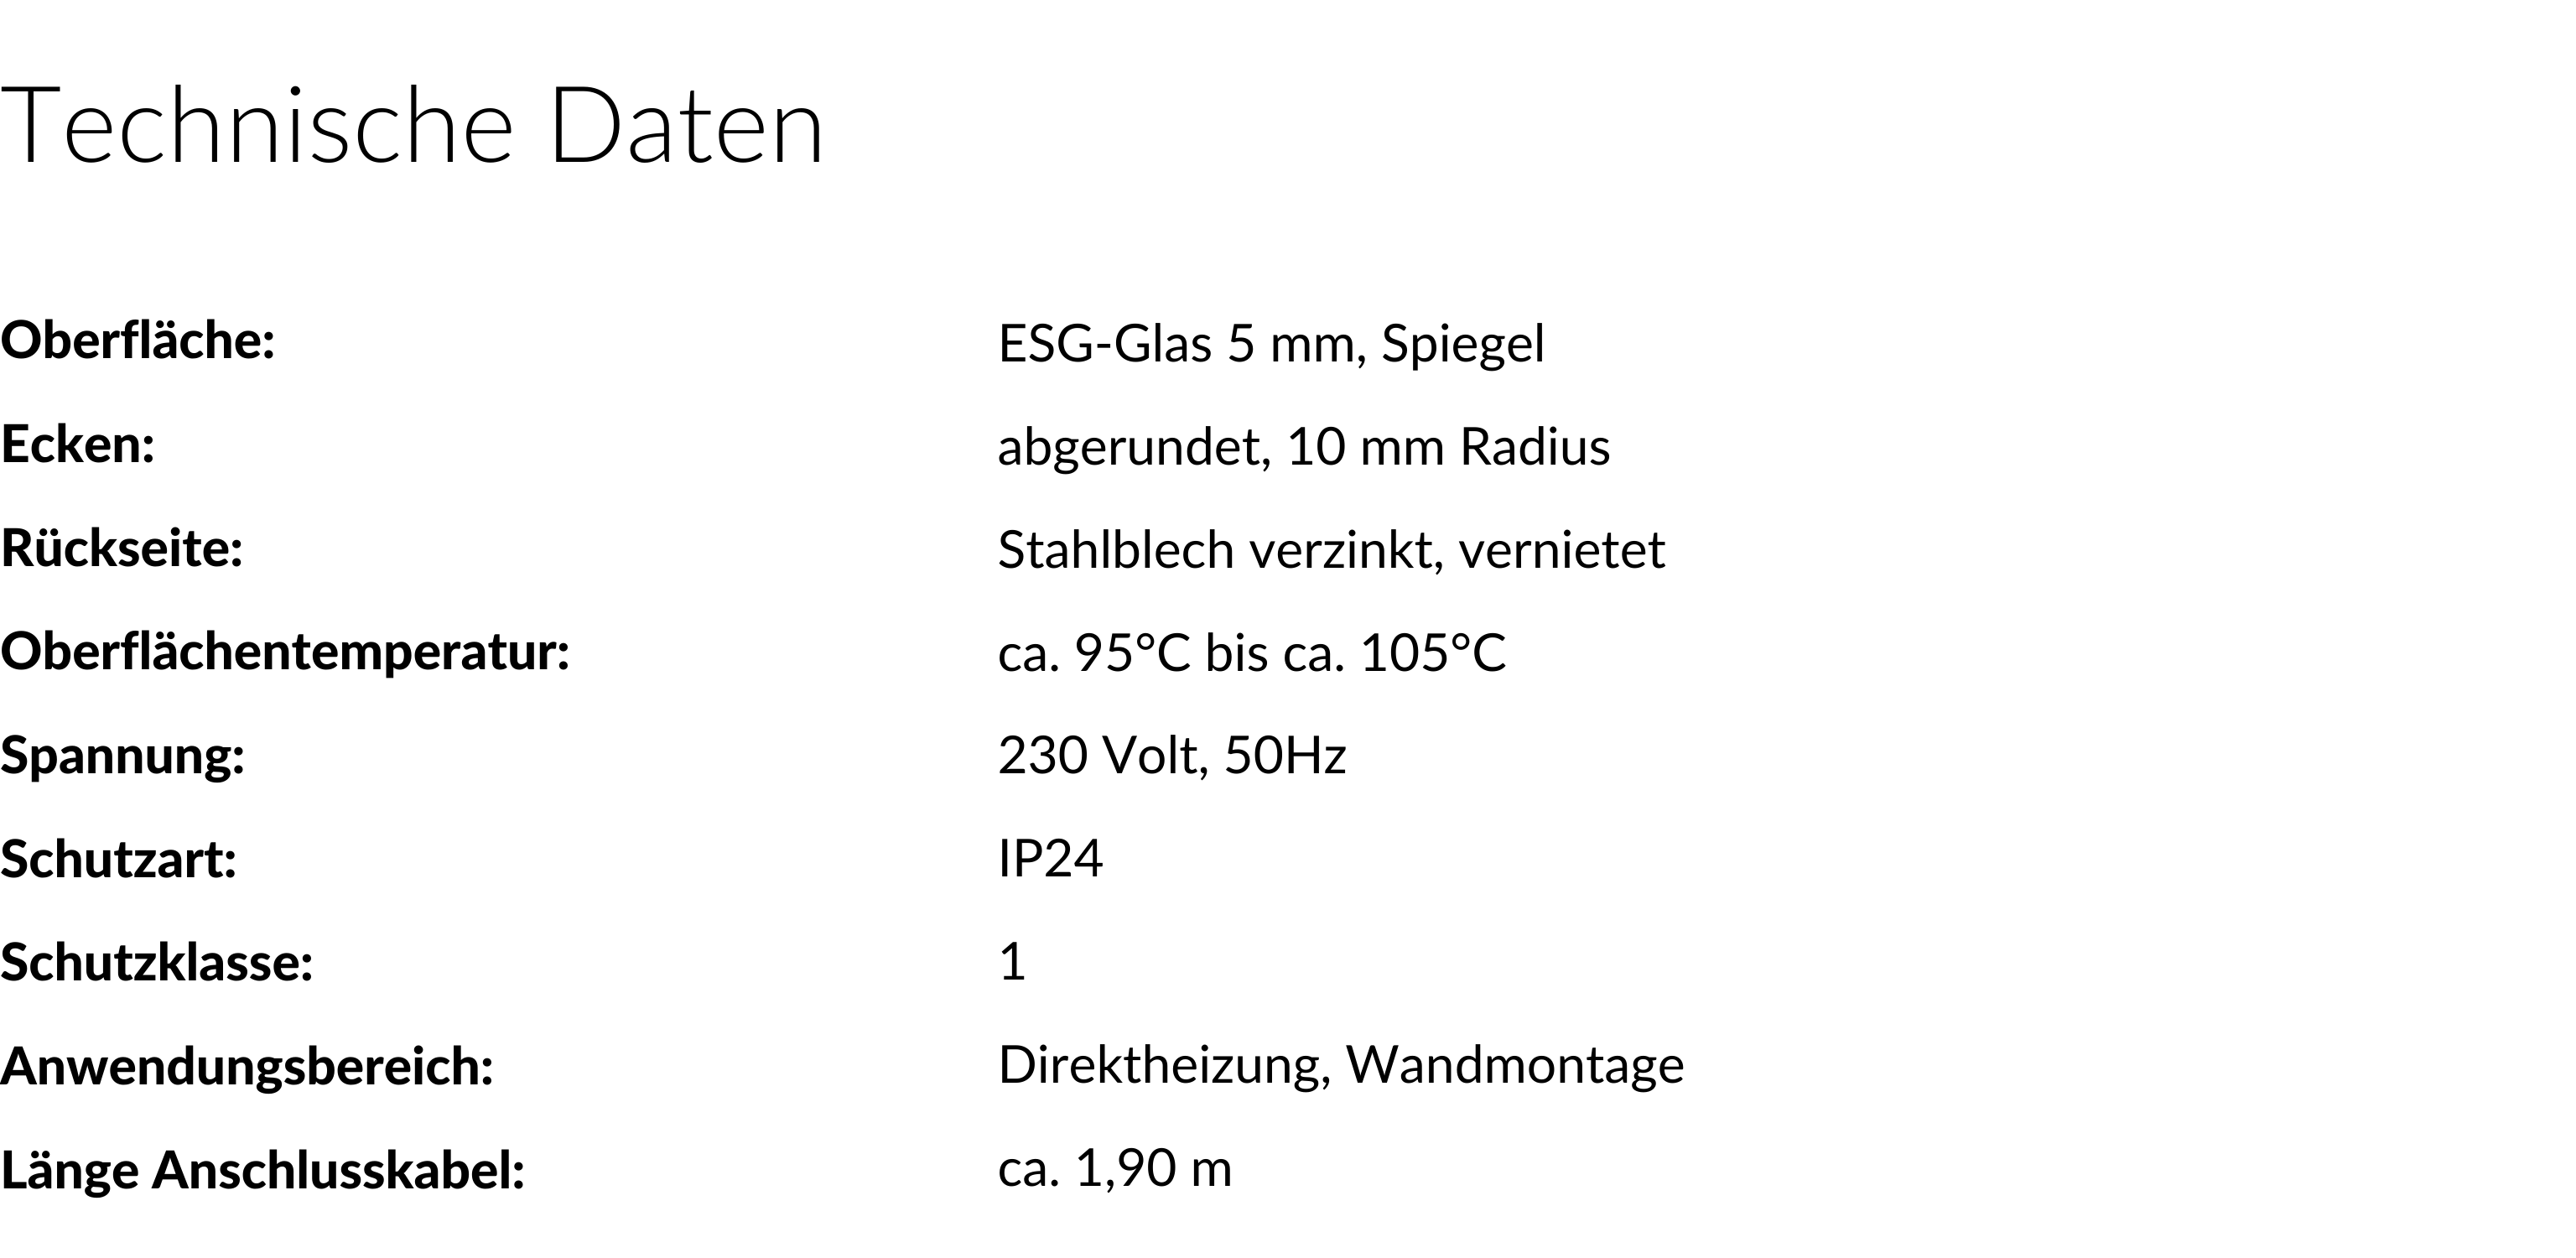 Technische_Daten_Spiegelheizung-5